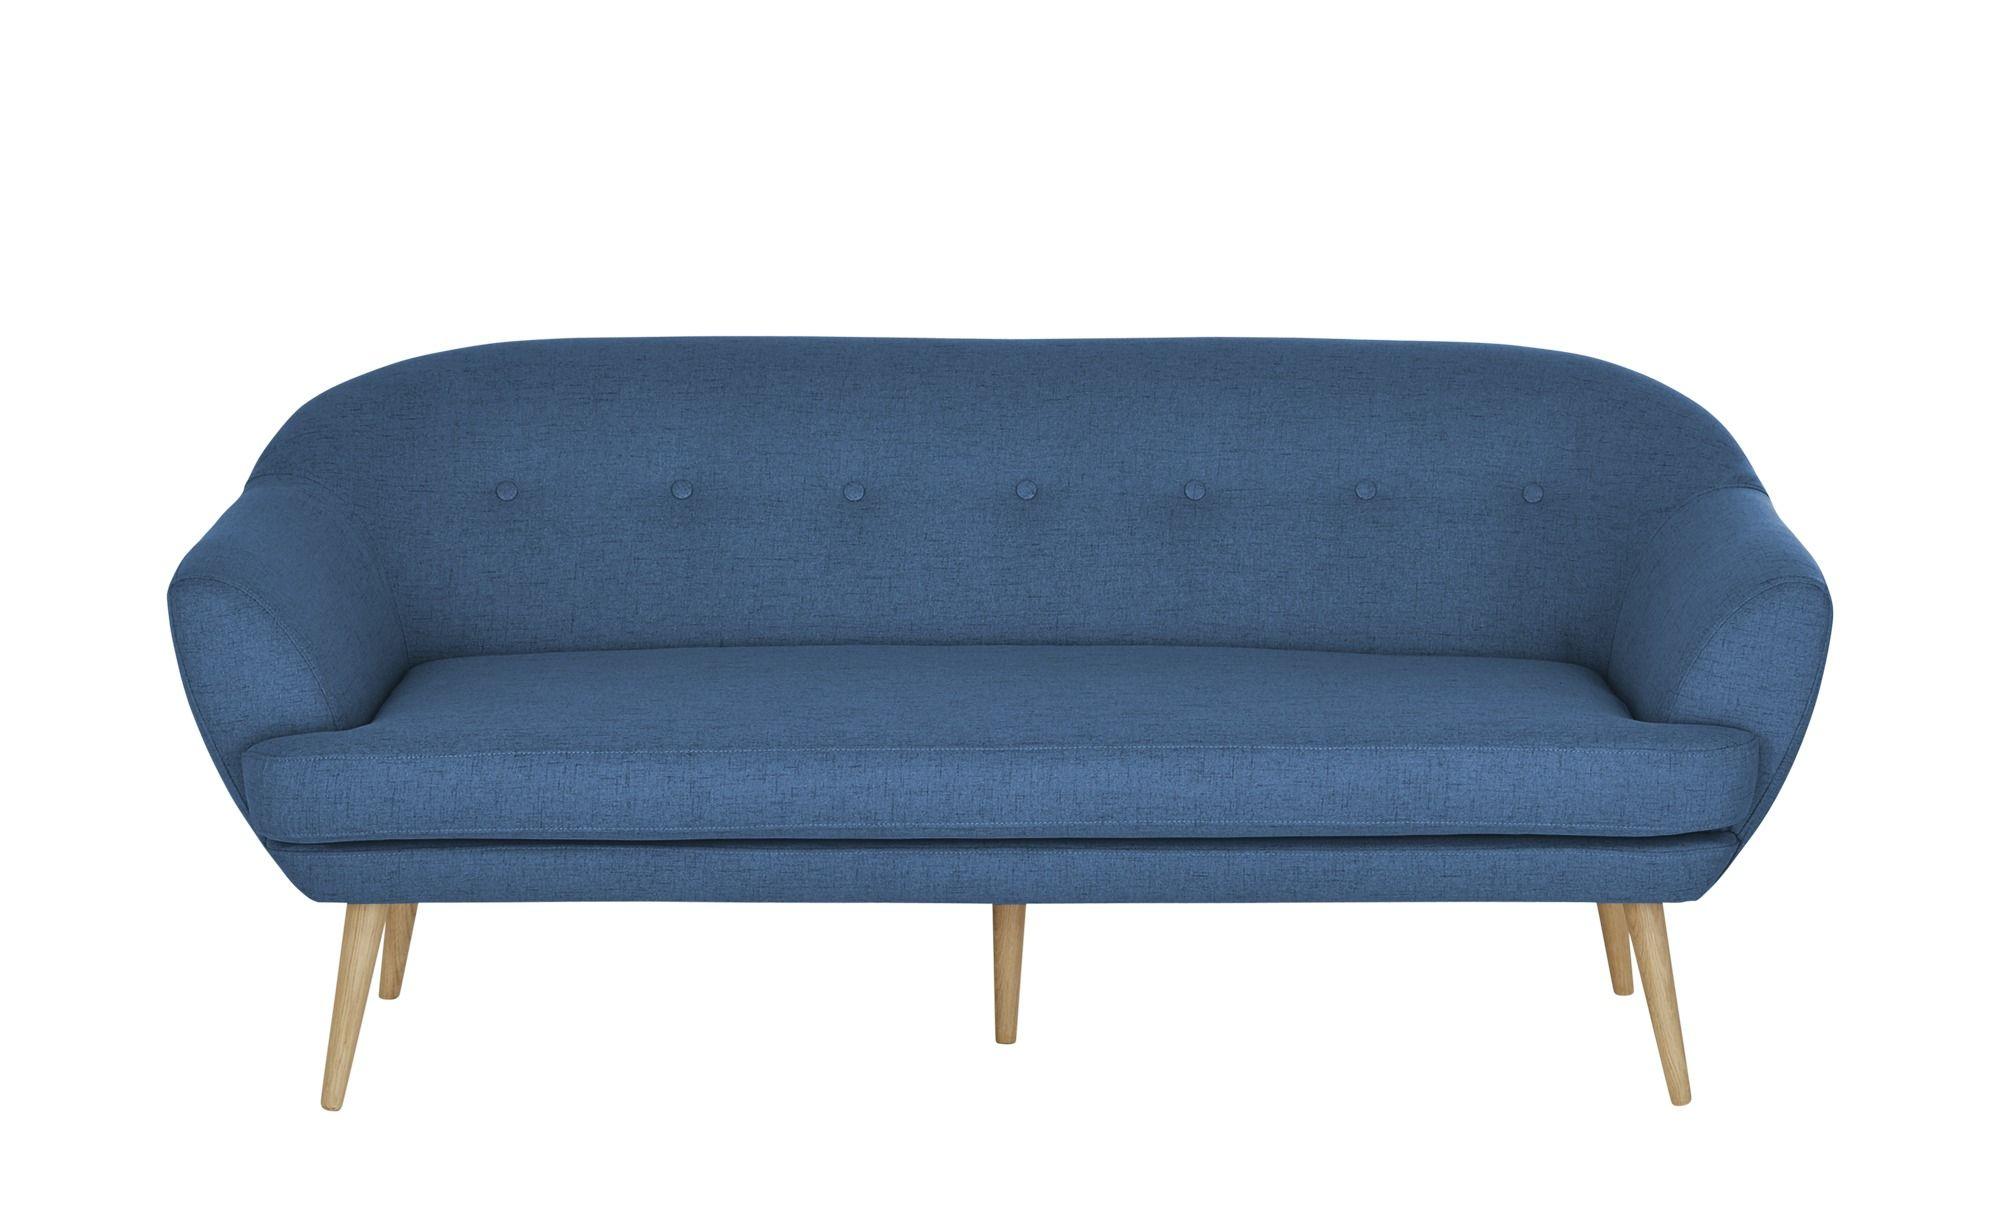 Beeindruckend L Sofa Günstig Beste Wahl Design Shape   Leder Weiß Erfahrungen  